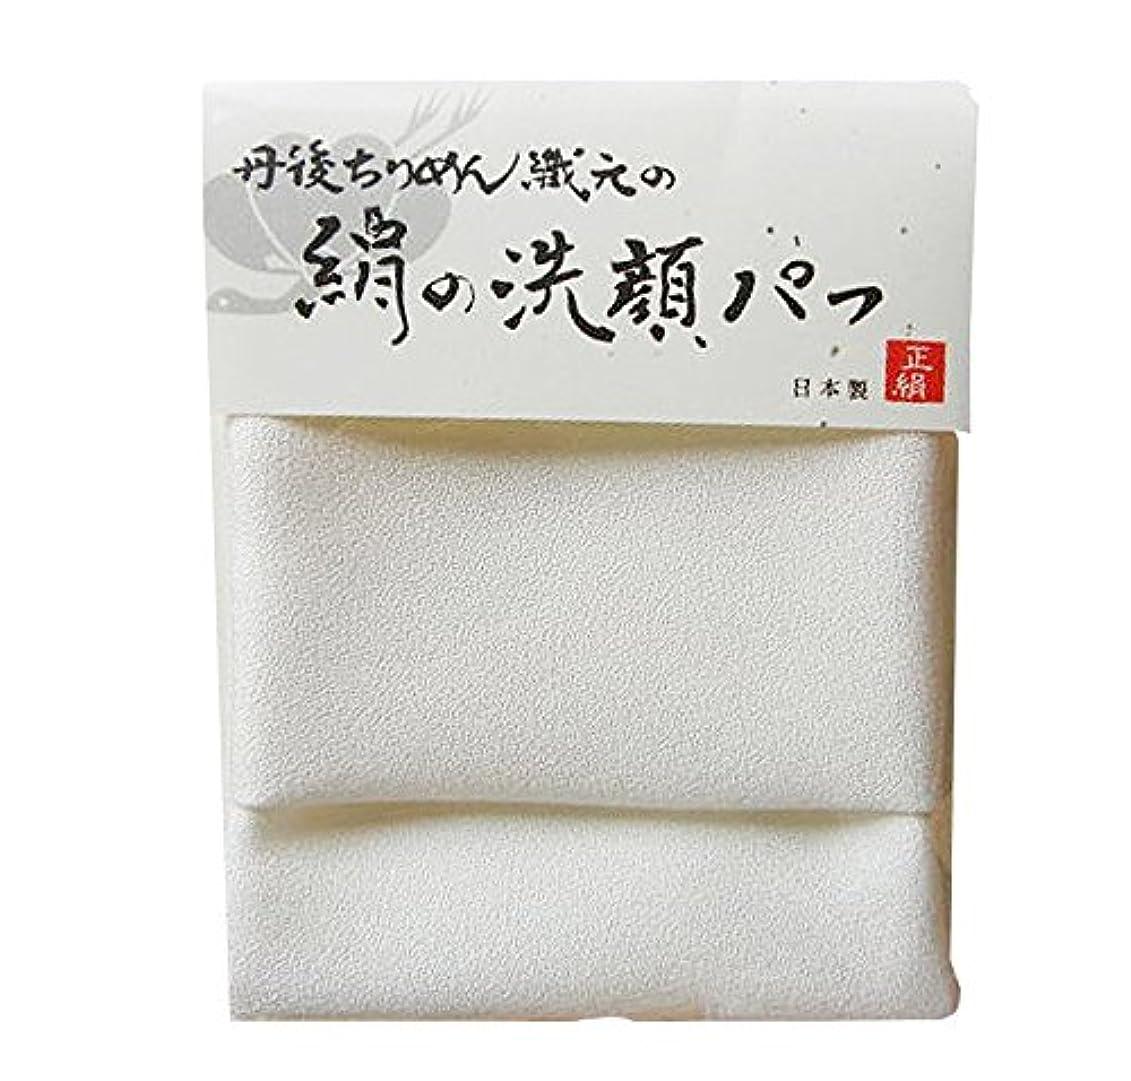 楕円形処分したメッセンジャー【NHKイッピンで紹介!】丹後ちりめん織元の絹の洗顔パフ